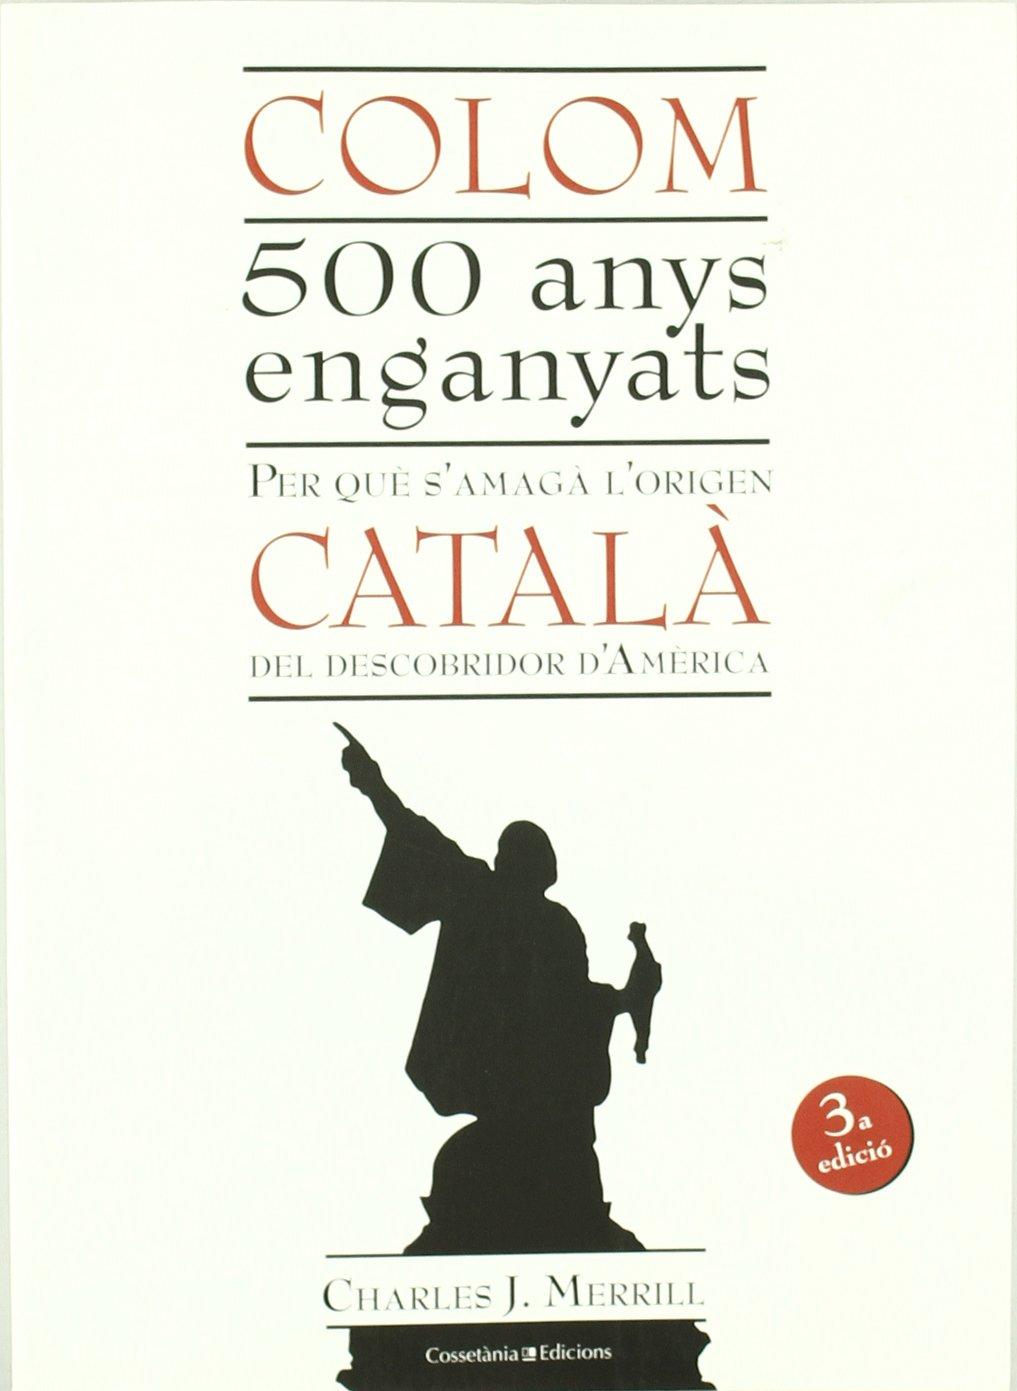 Colom. 500 anys enganyats: Per què s'amagà l'origen català del descobridor d'Amèrica (El Tinter) (Catalán) Tapa blanda – oct 2009 Charles J. Merril Cossetània Edicions 8497915674 CDL_2-3_0020675